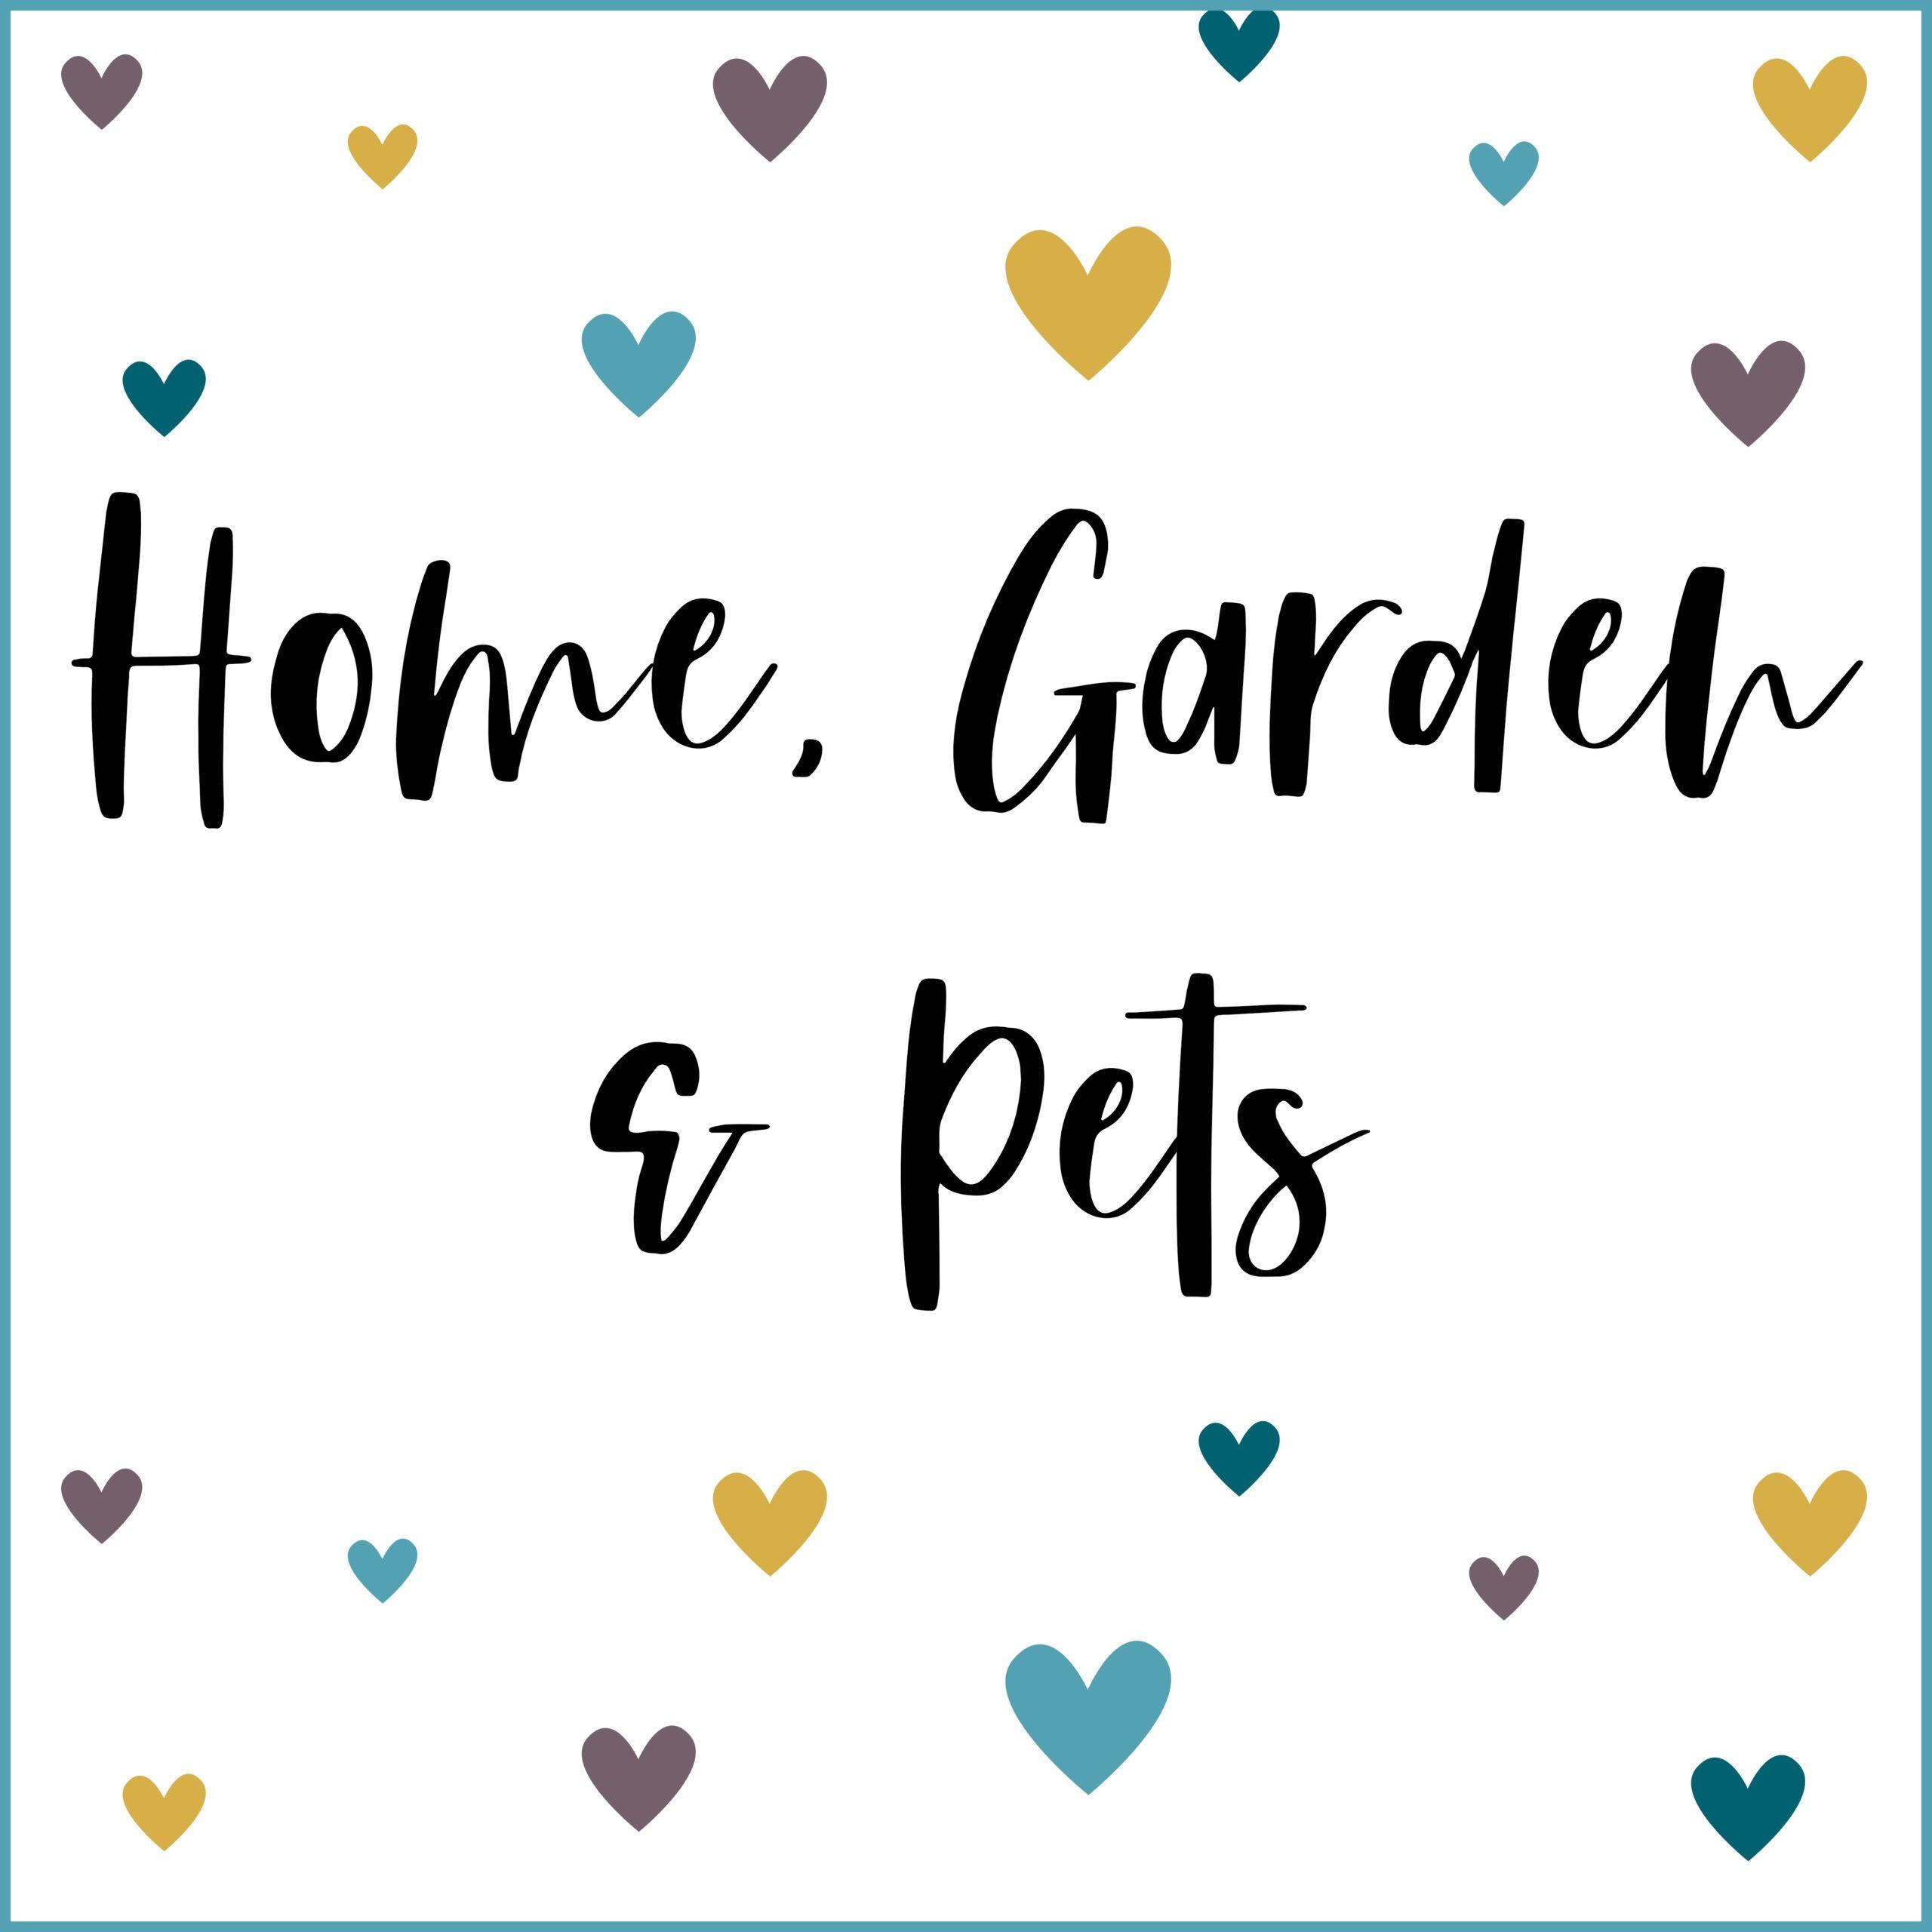 Home, Garden & Pets